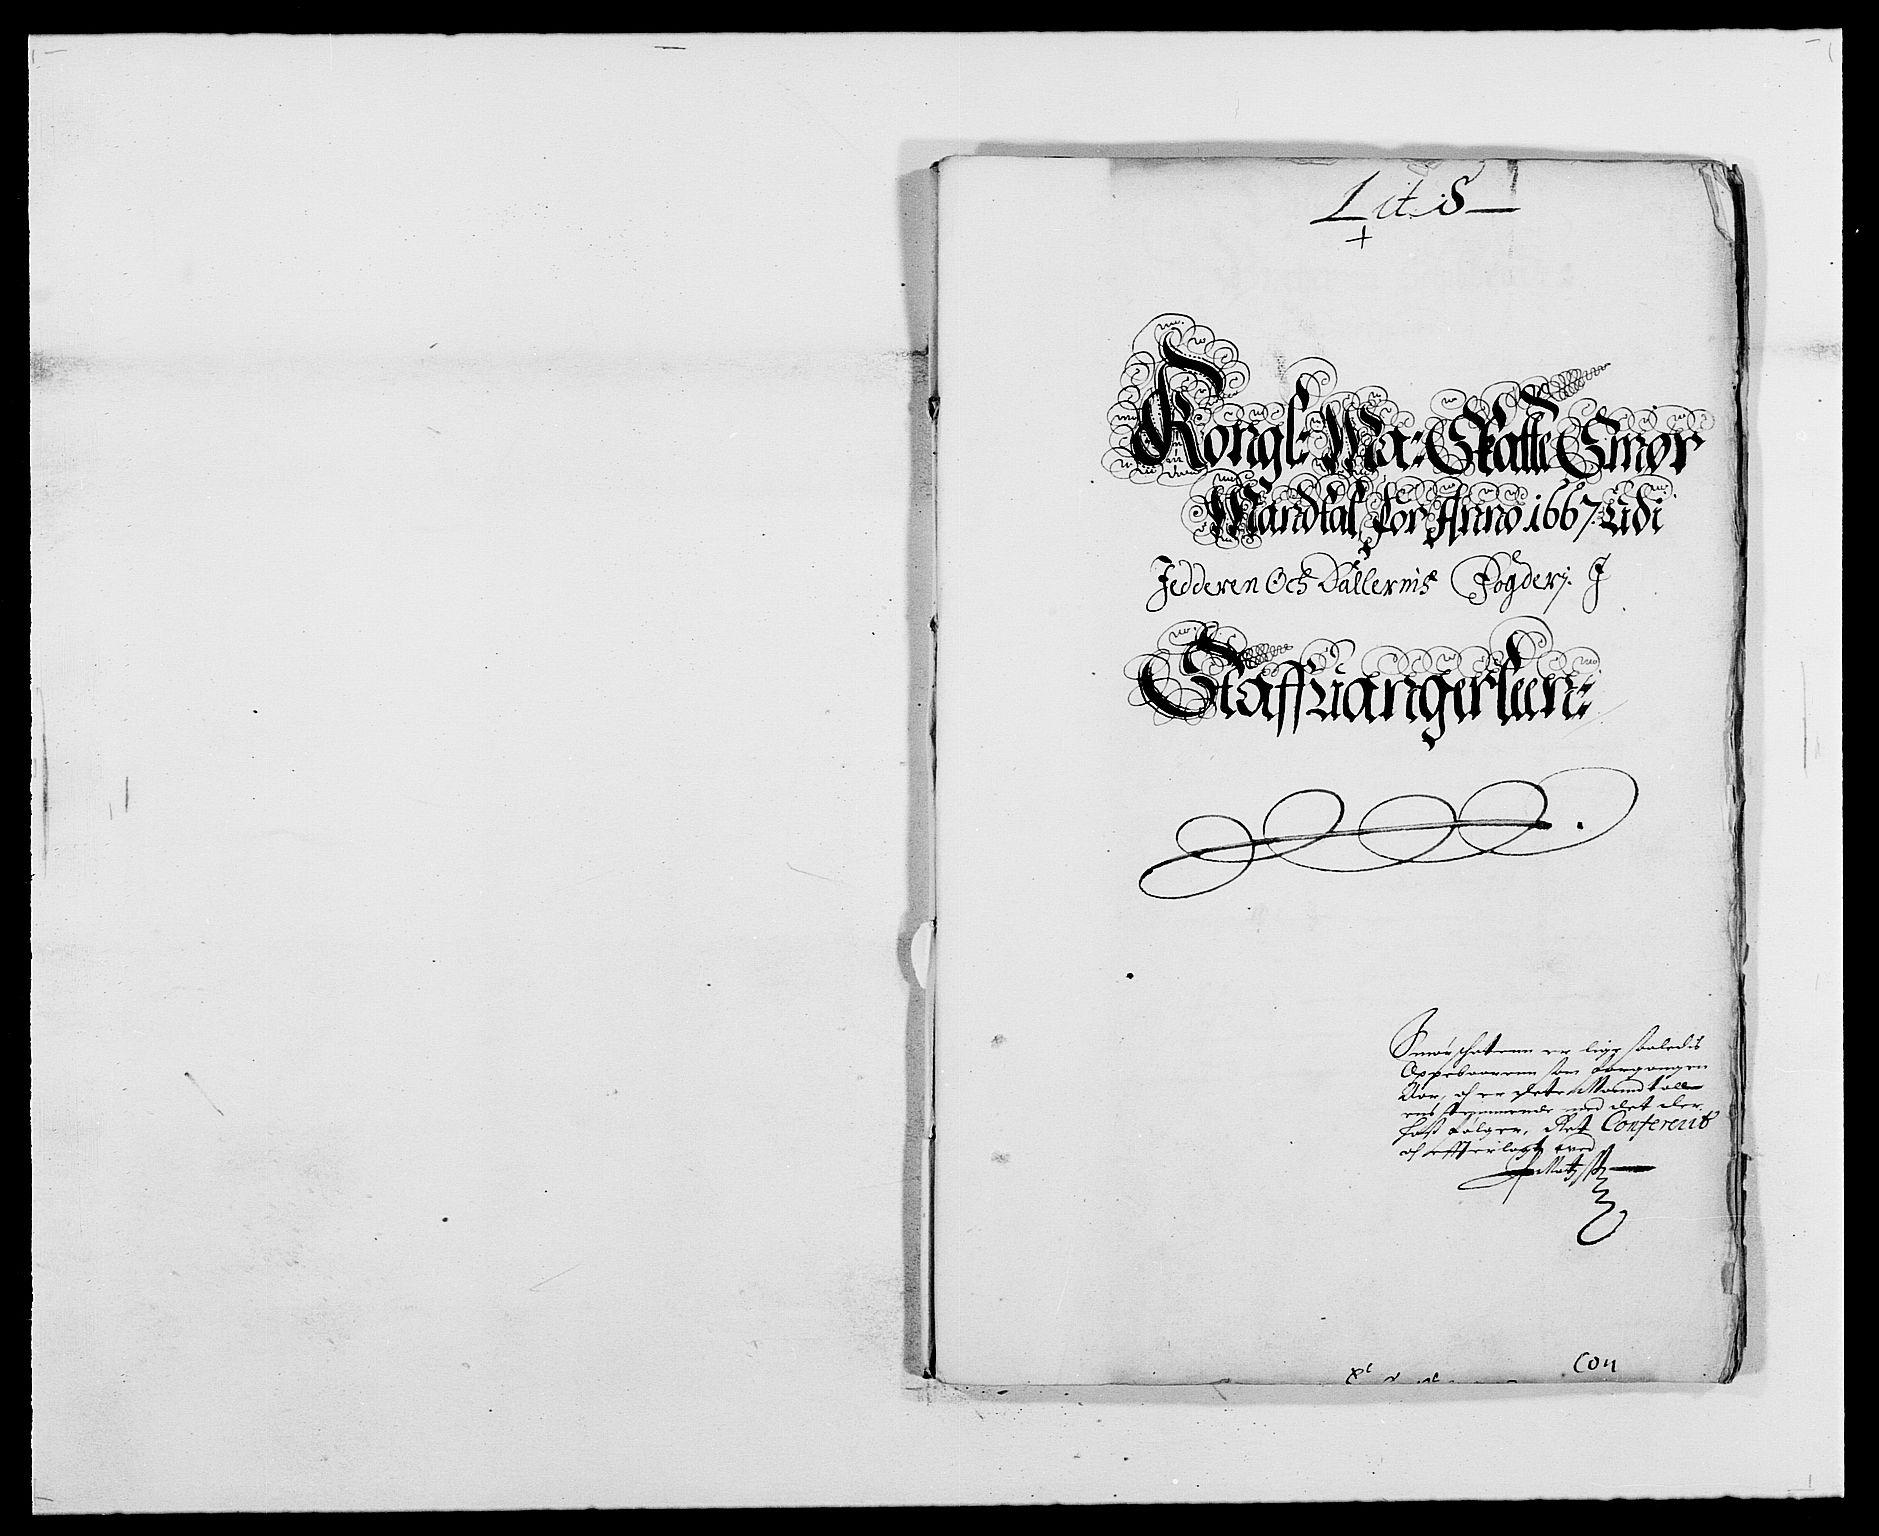 RA, Rentekammeret inntil 1814, Reviderte regnskaper, Fogderegnskap, R46/L2710: Fogderegnskap Jæren og Dalane, 1667, s. 220